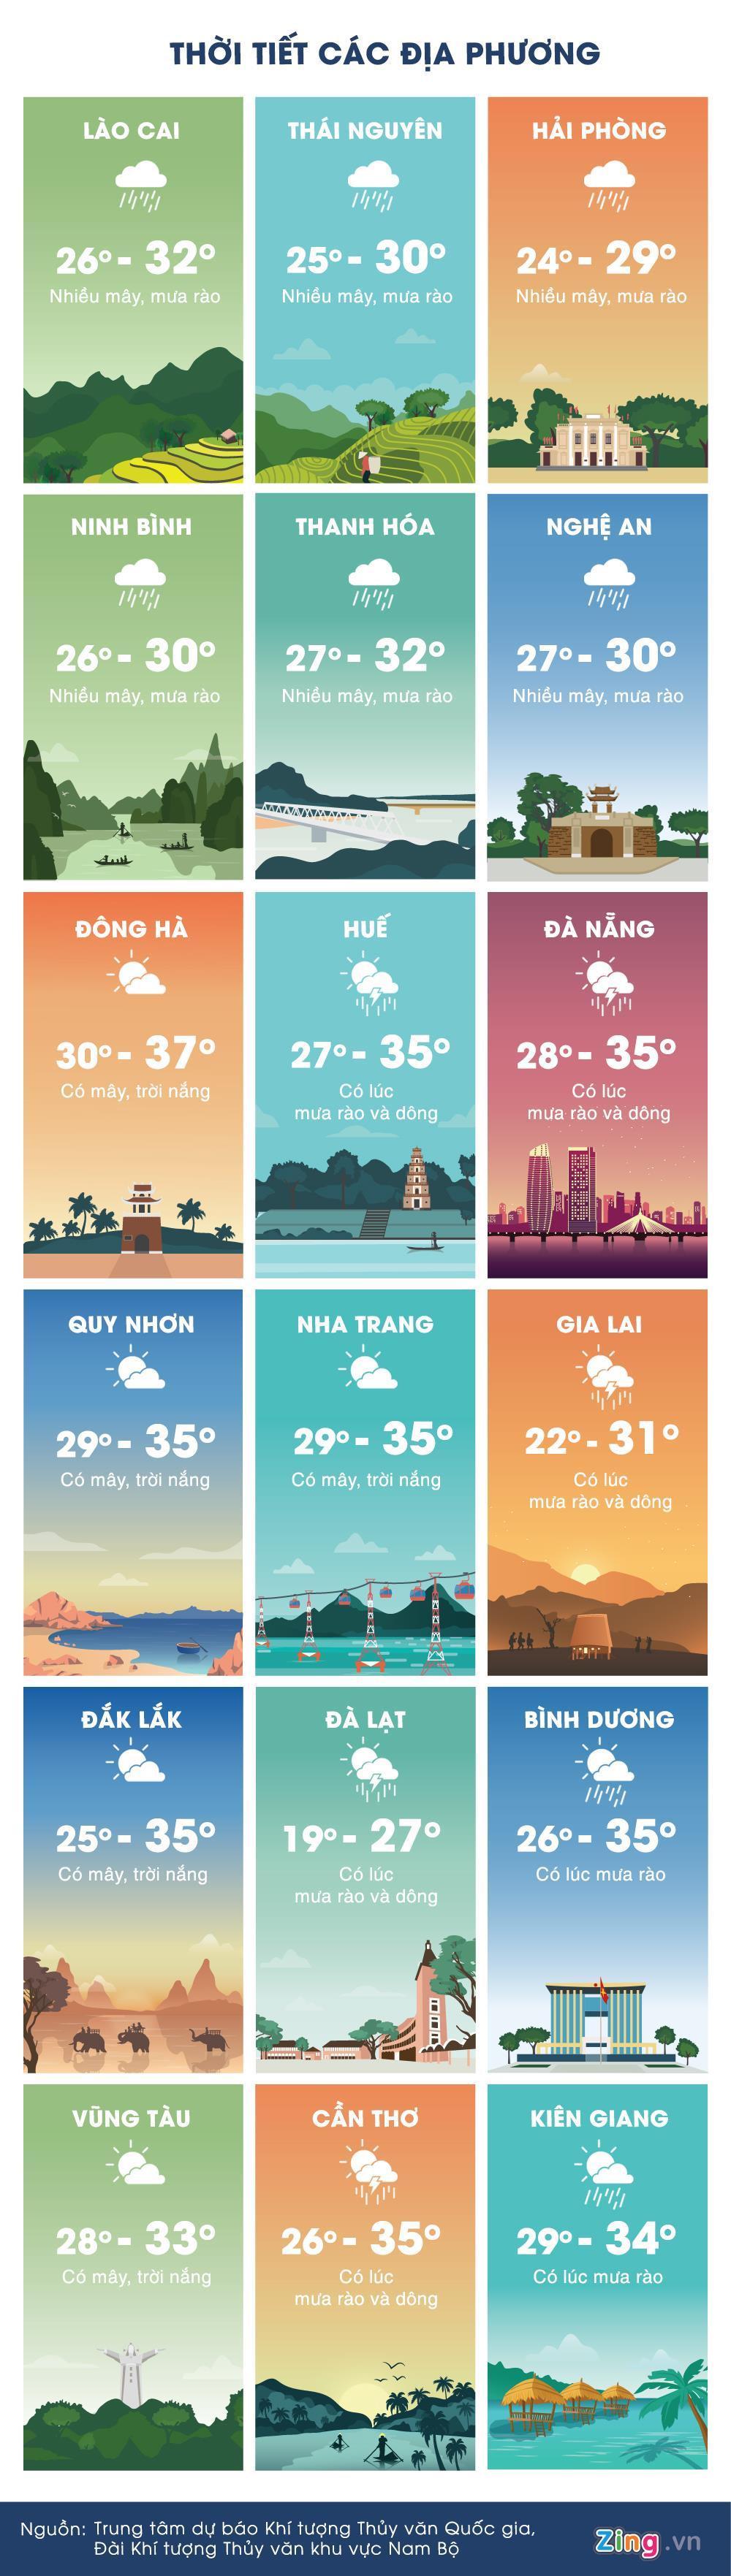 Thời tiết ngày 21/5: Miền Bắc giảm nhiệt, mưa to gió lớn diện rộng Ảnh 3